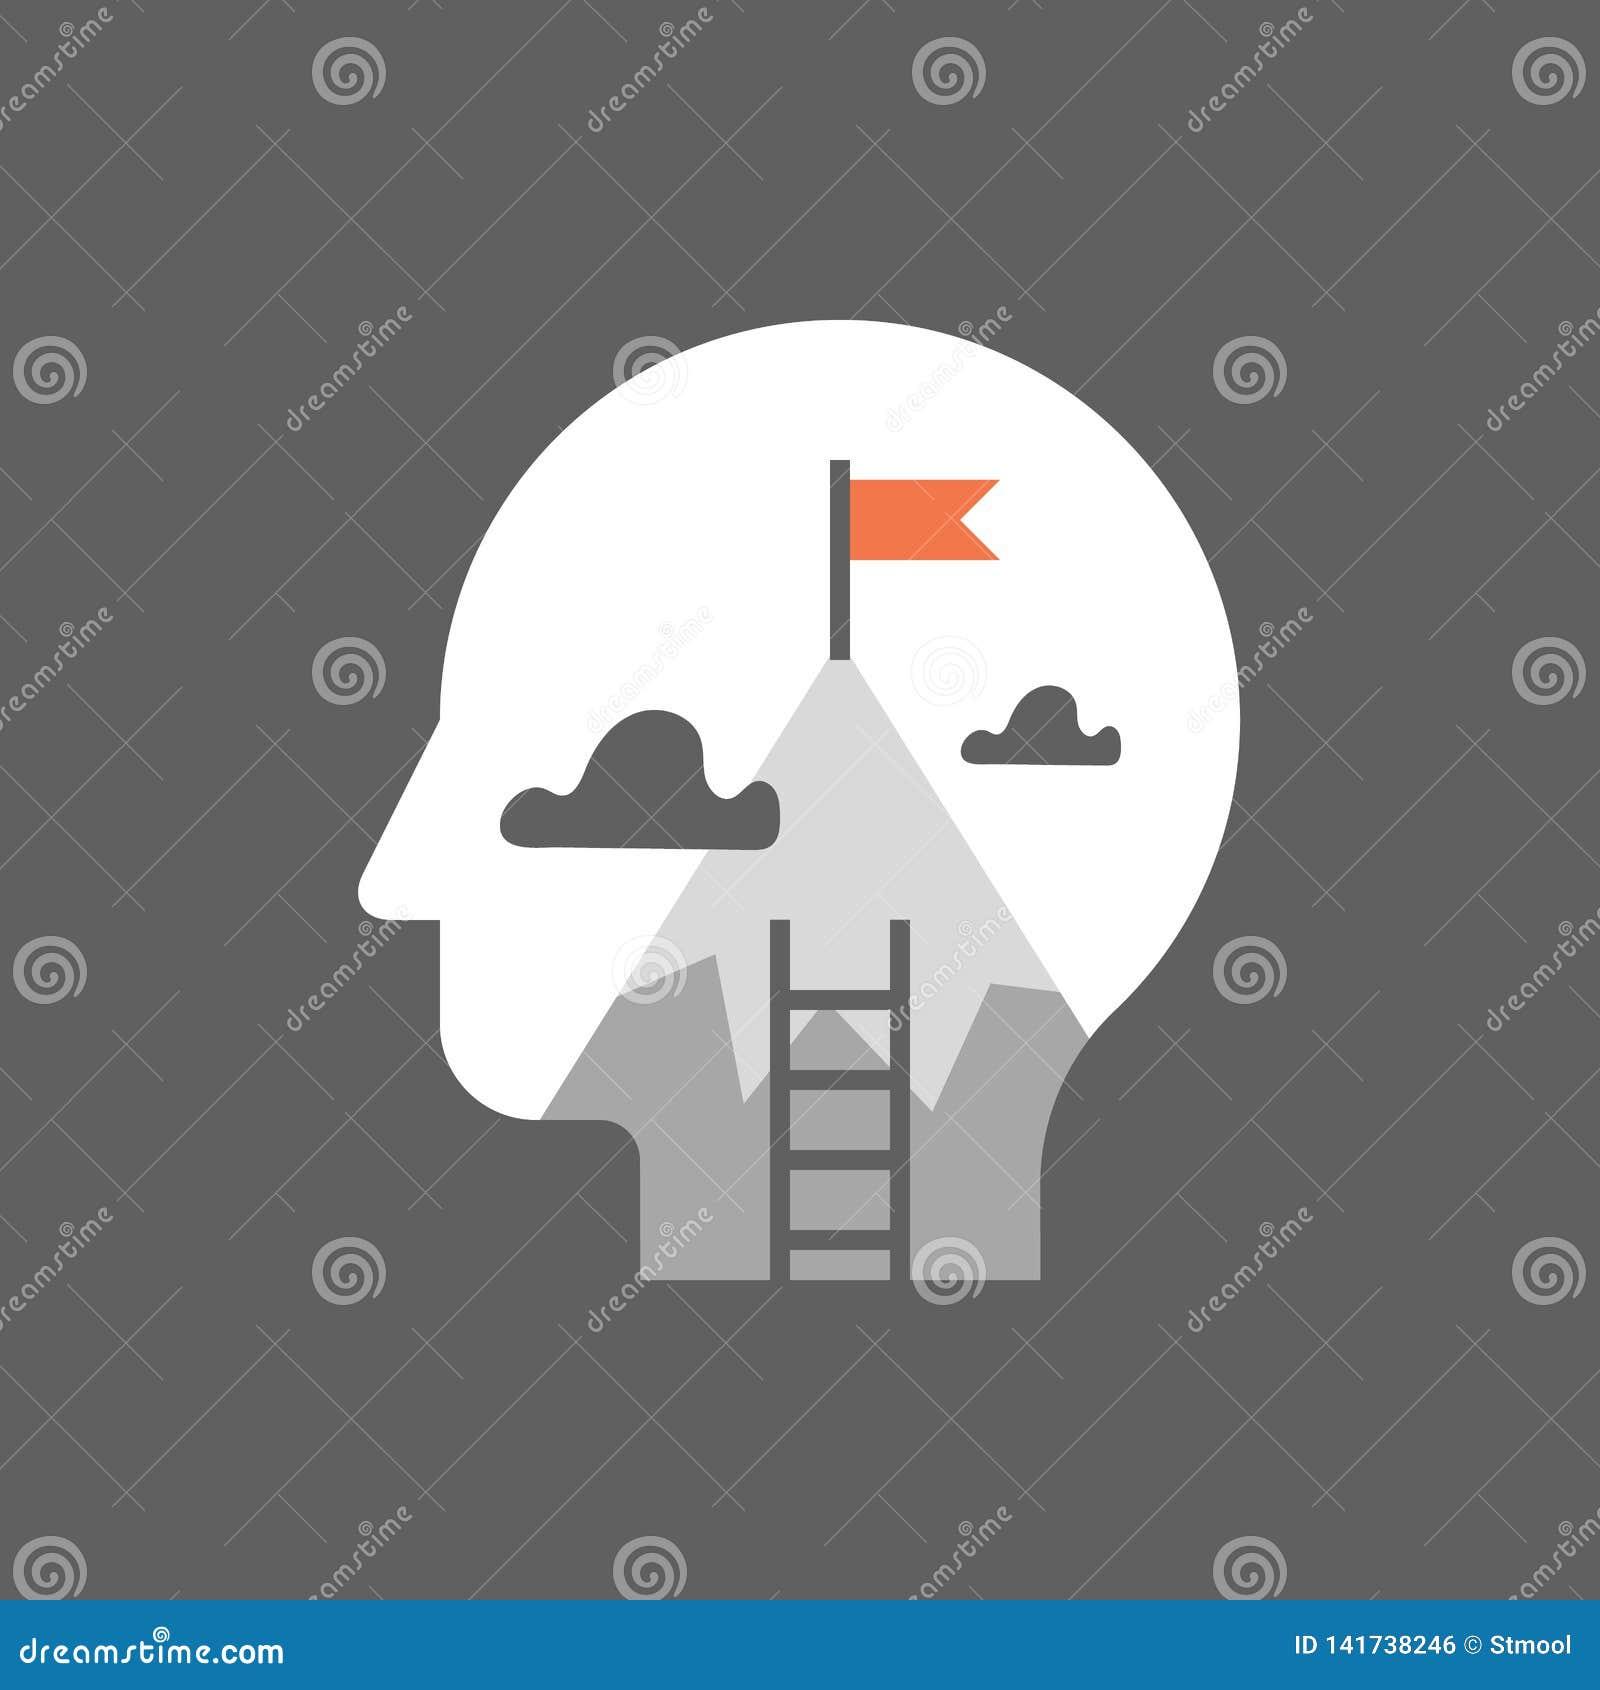 自已成长心态,志向概念,工作刺激,事业机会,潜在的发展,下个平实挑战